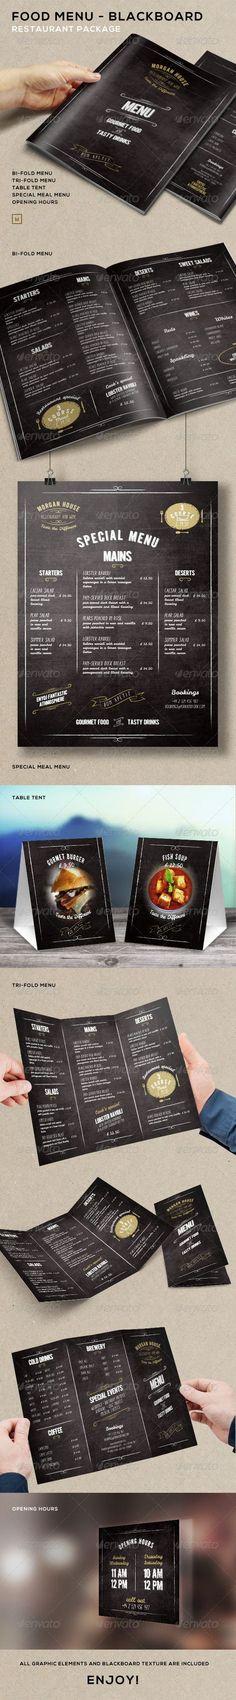 Food Menu - BlackBoard Restaurant Package: